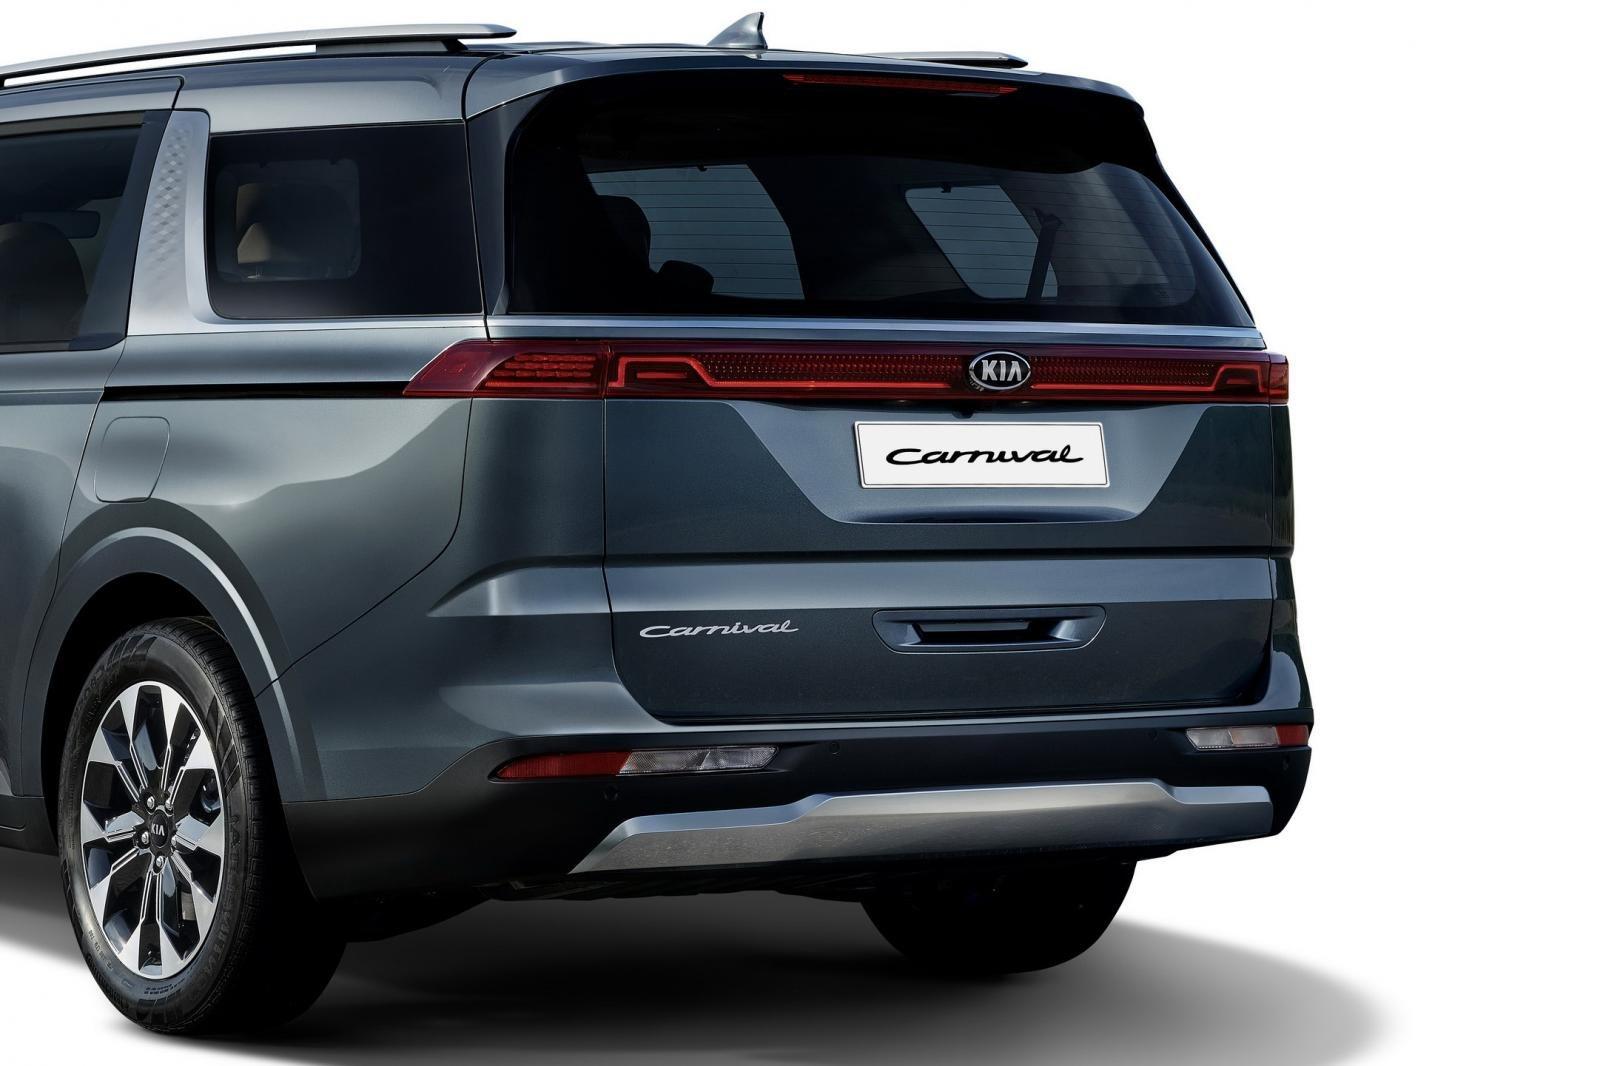 Đánh giá xe Kia Sedona 2021 về thiết kế đuôi xe - Ảnh 1.